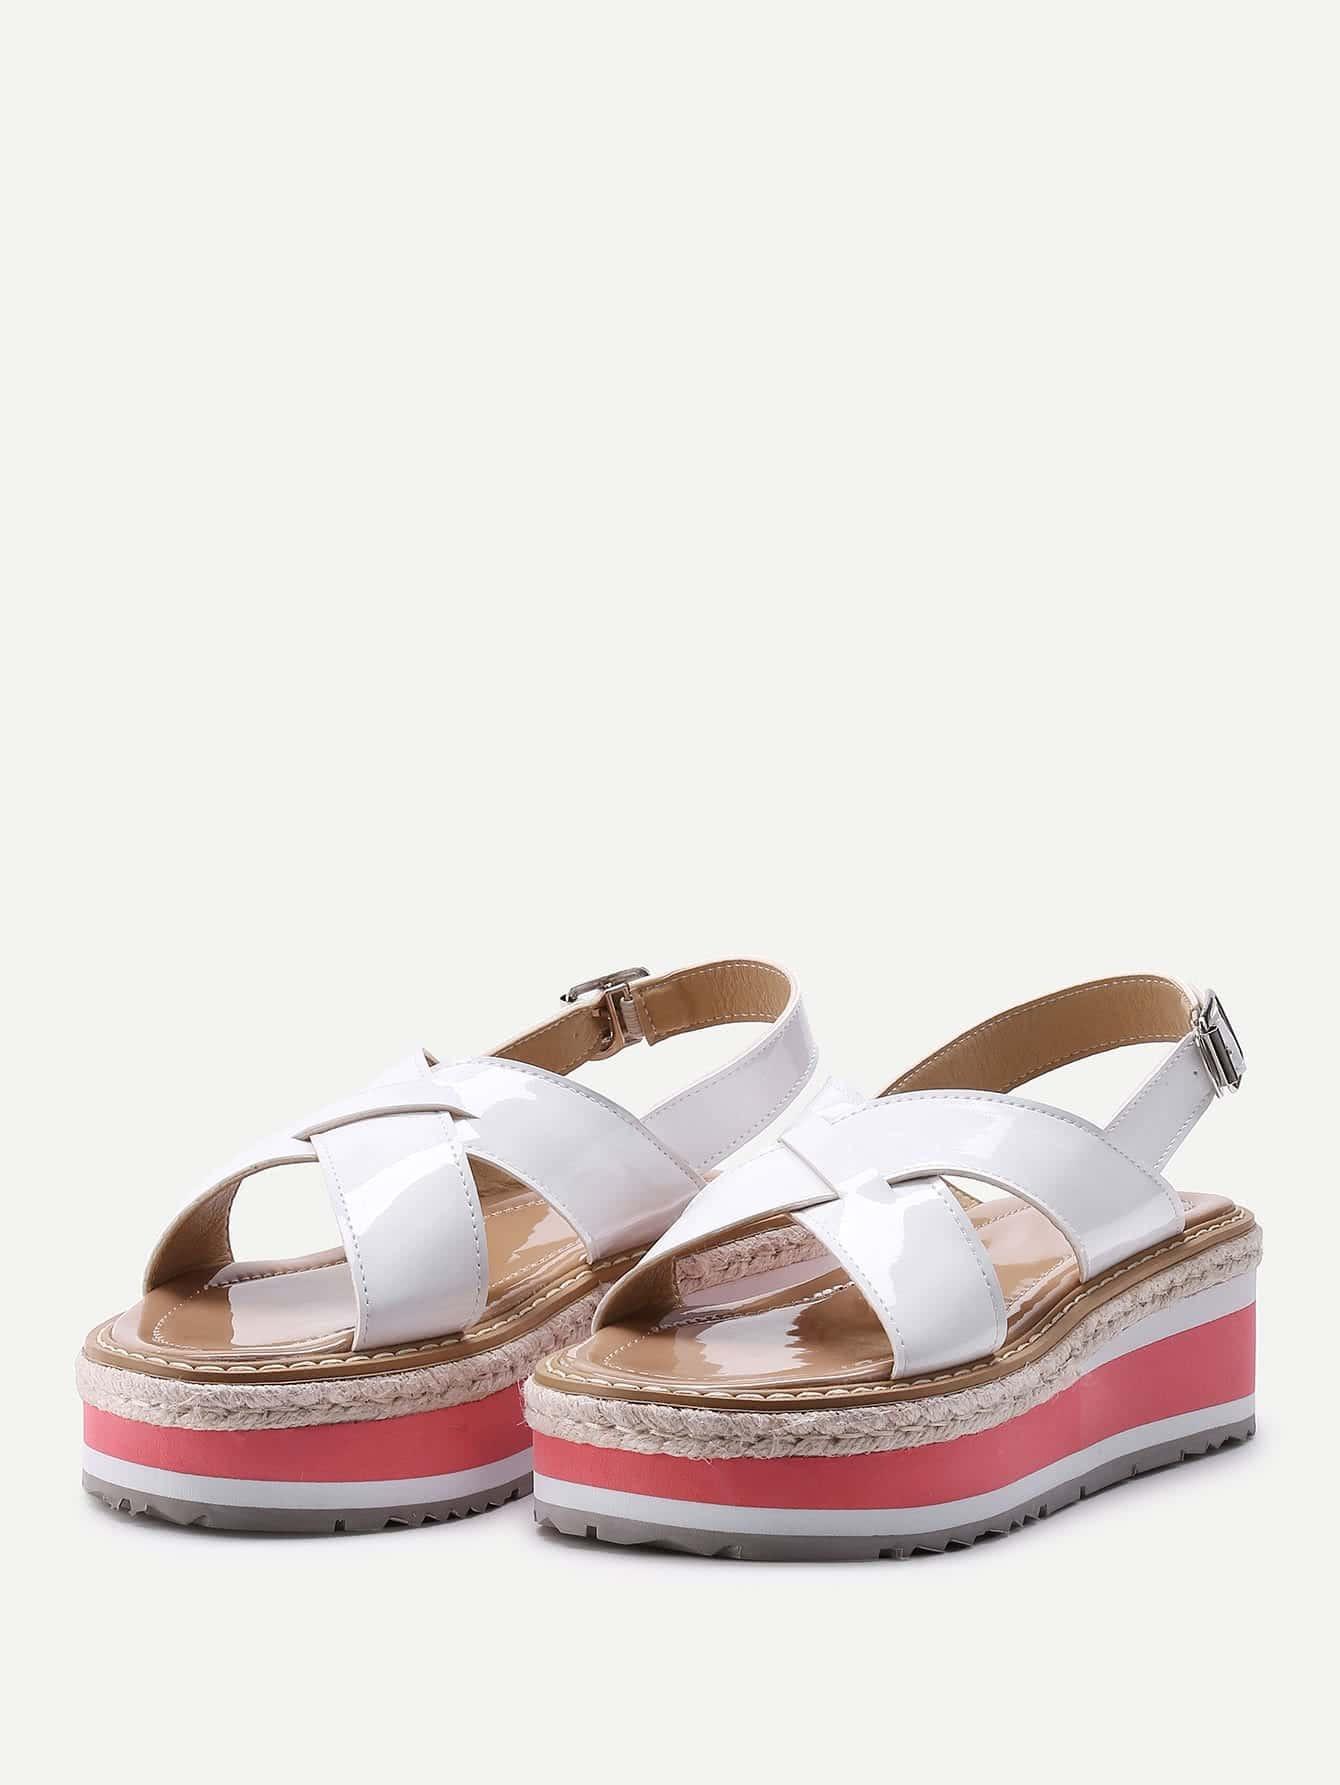 shoes170517804_2